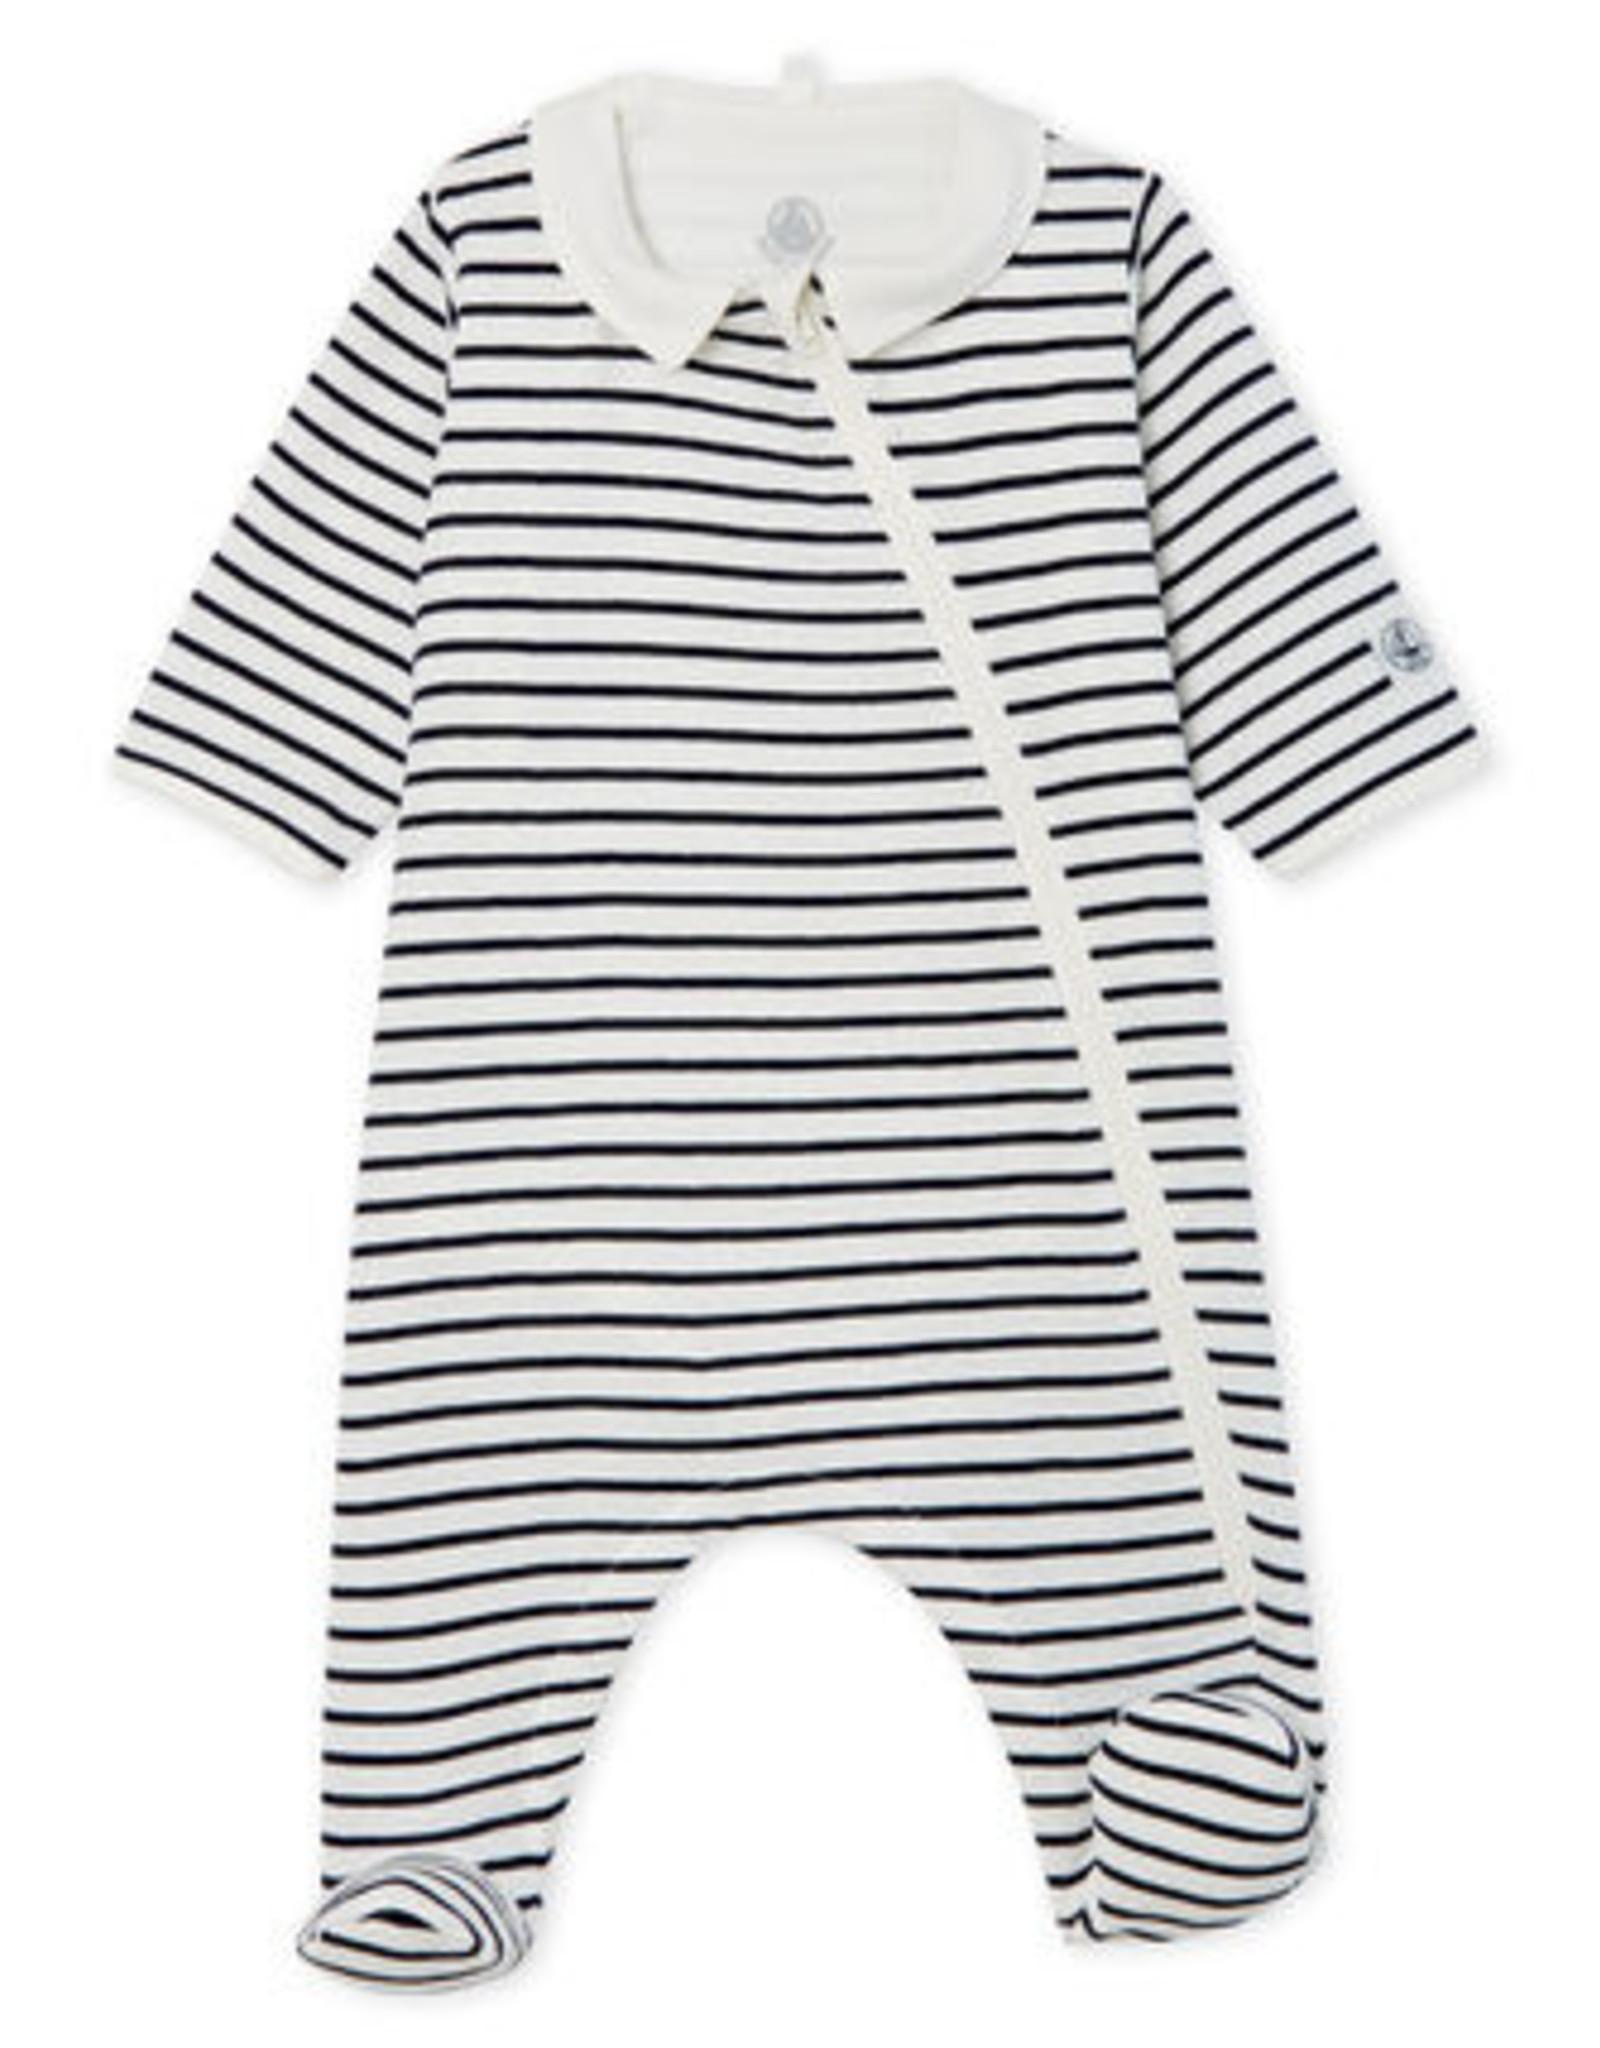 Babies' Zip-Up Bodyjama